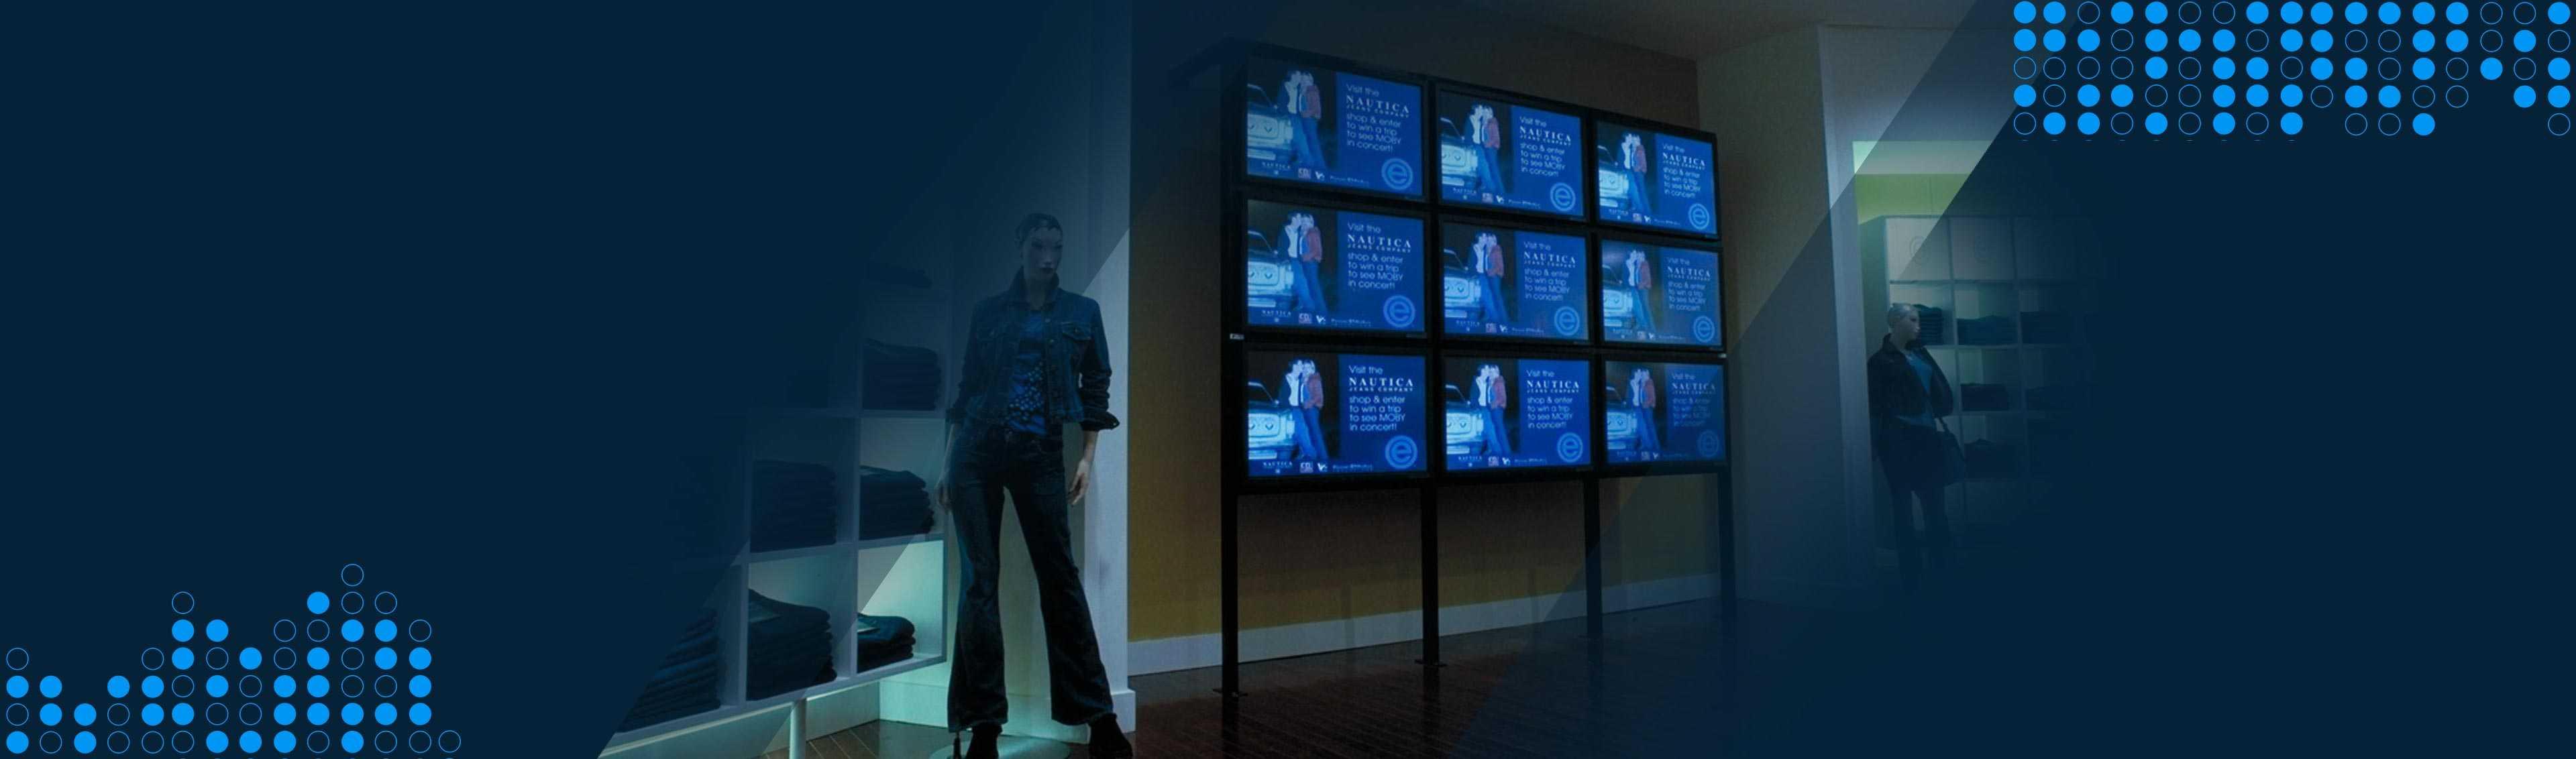 digital screens in retail store